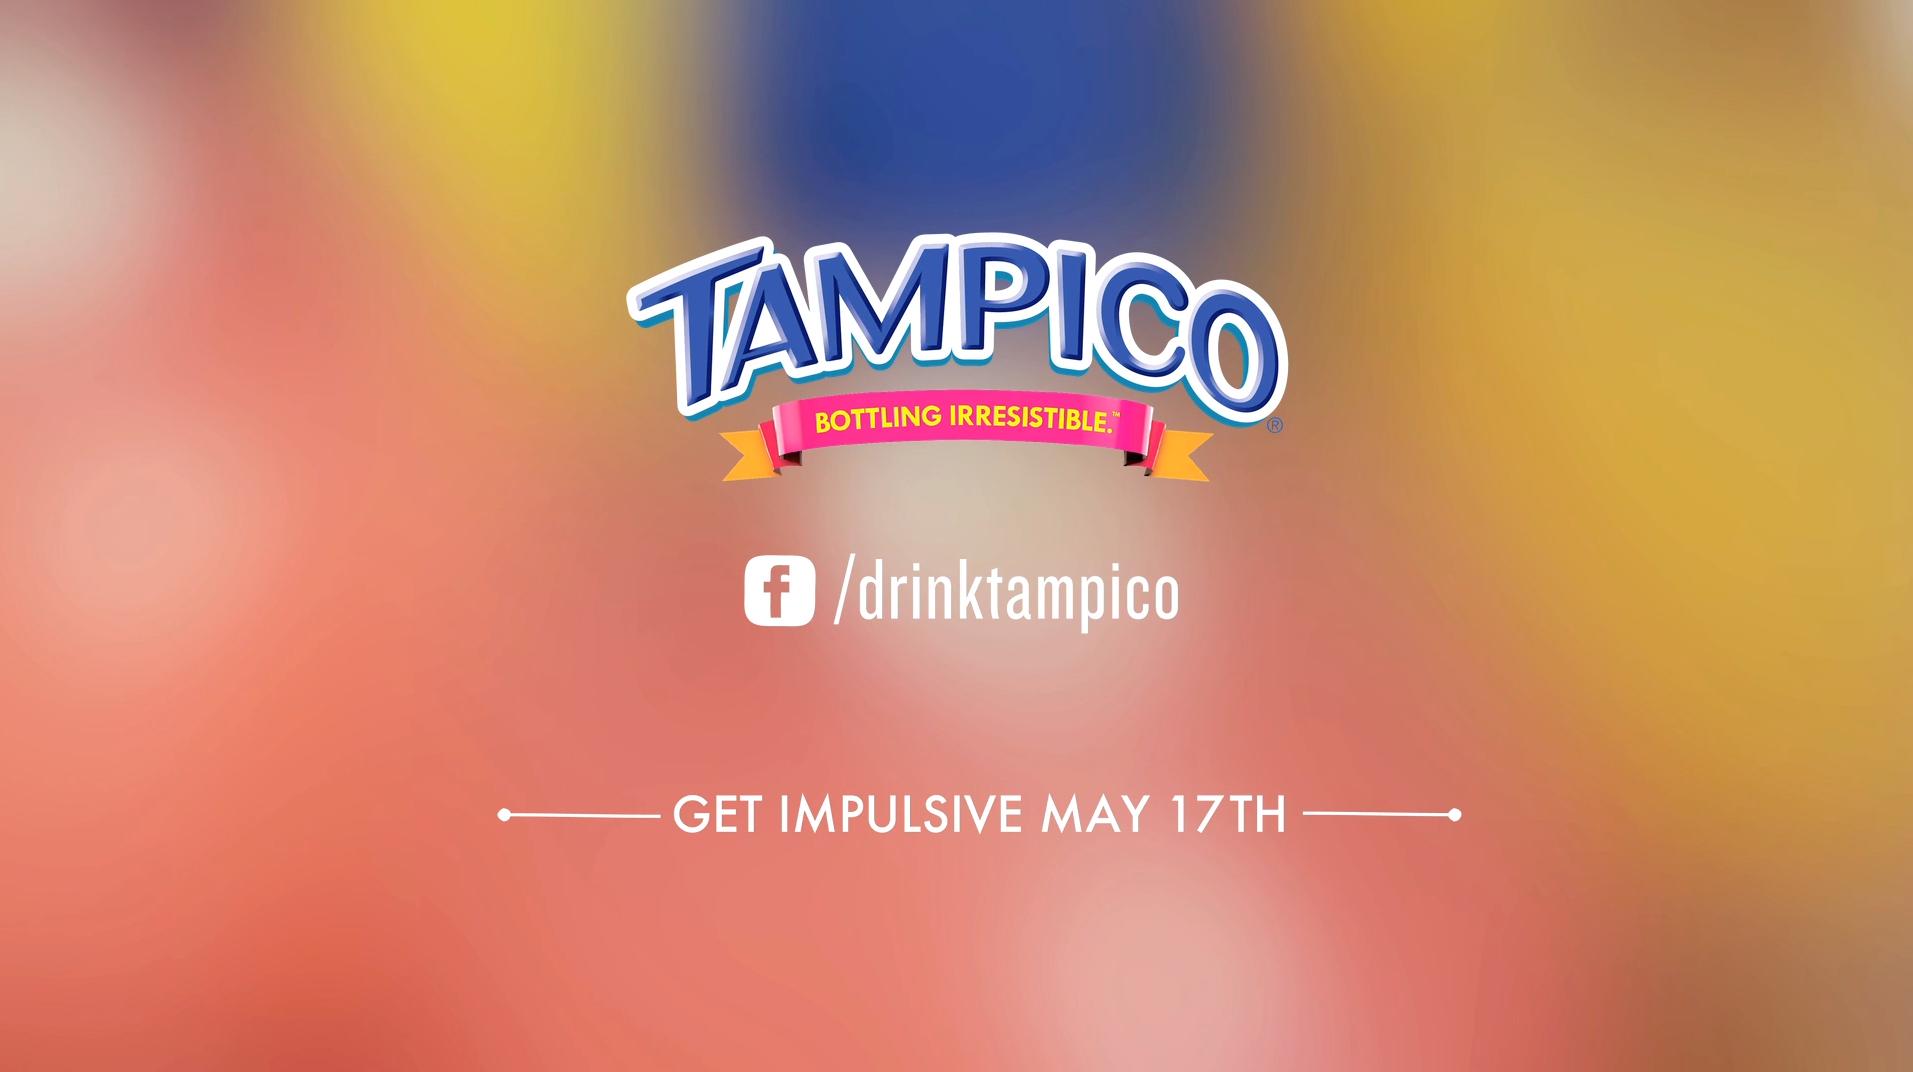 """Tampico """"Building Irresistible"""""""